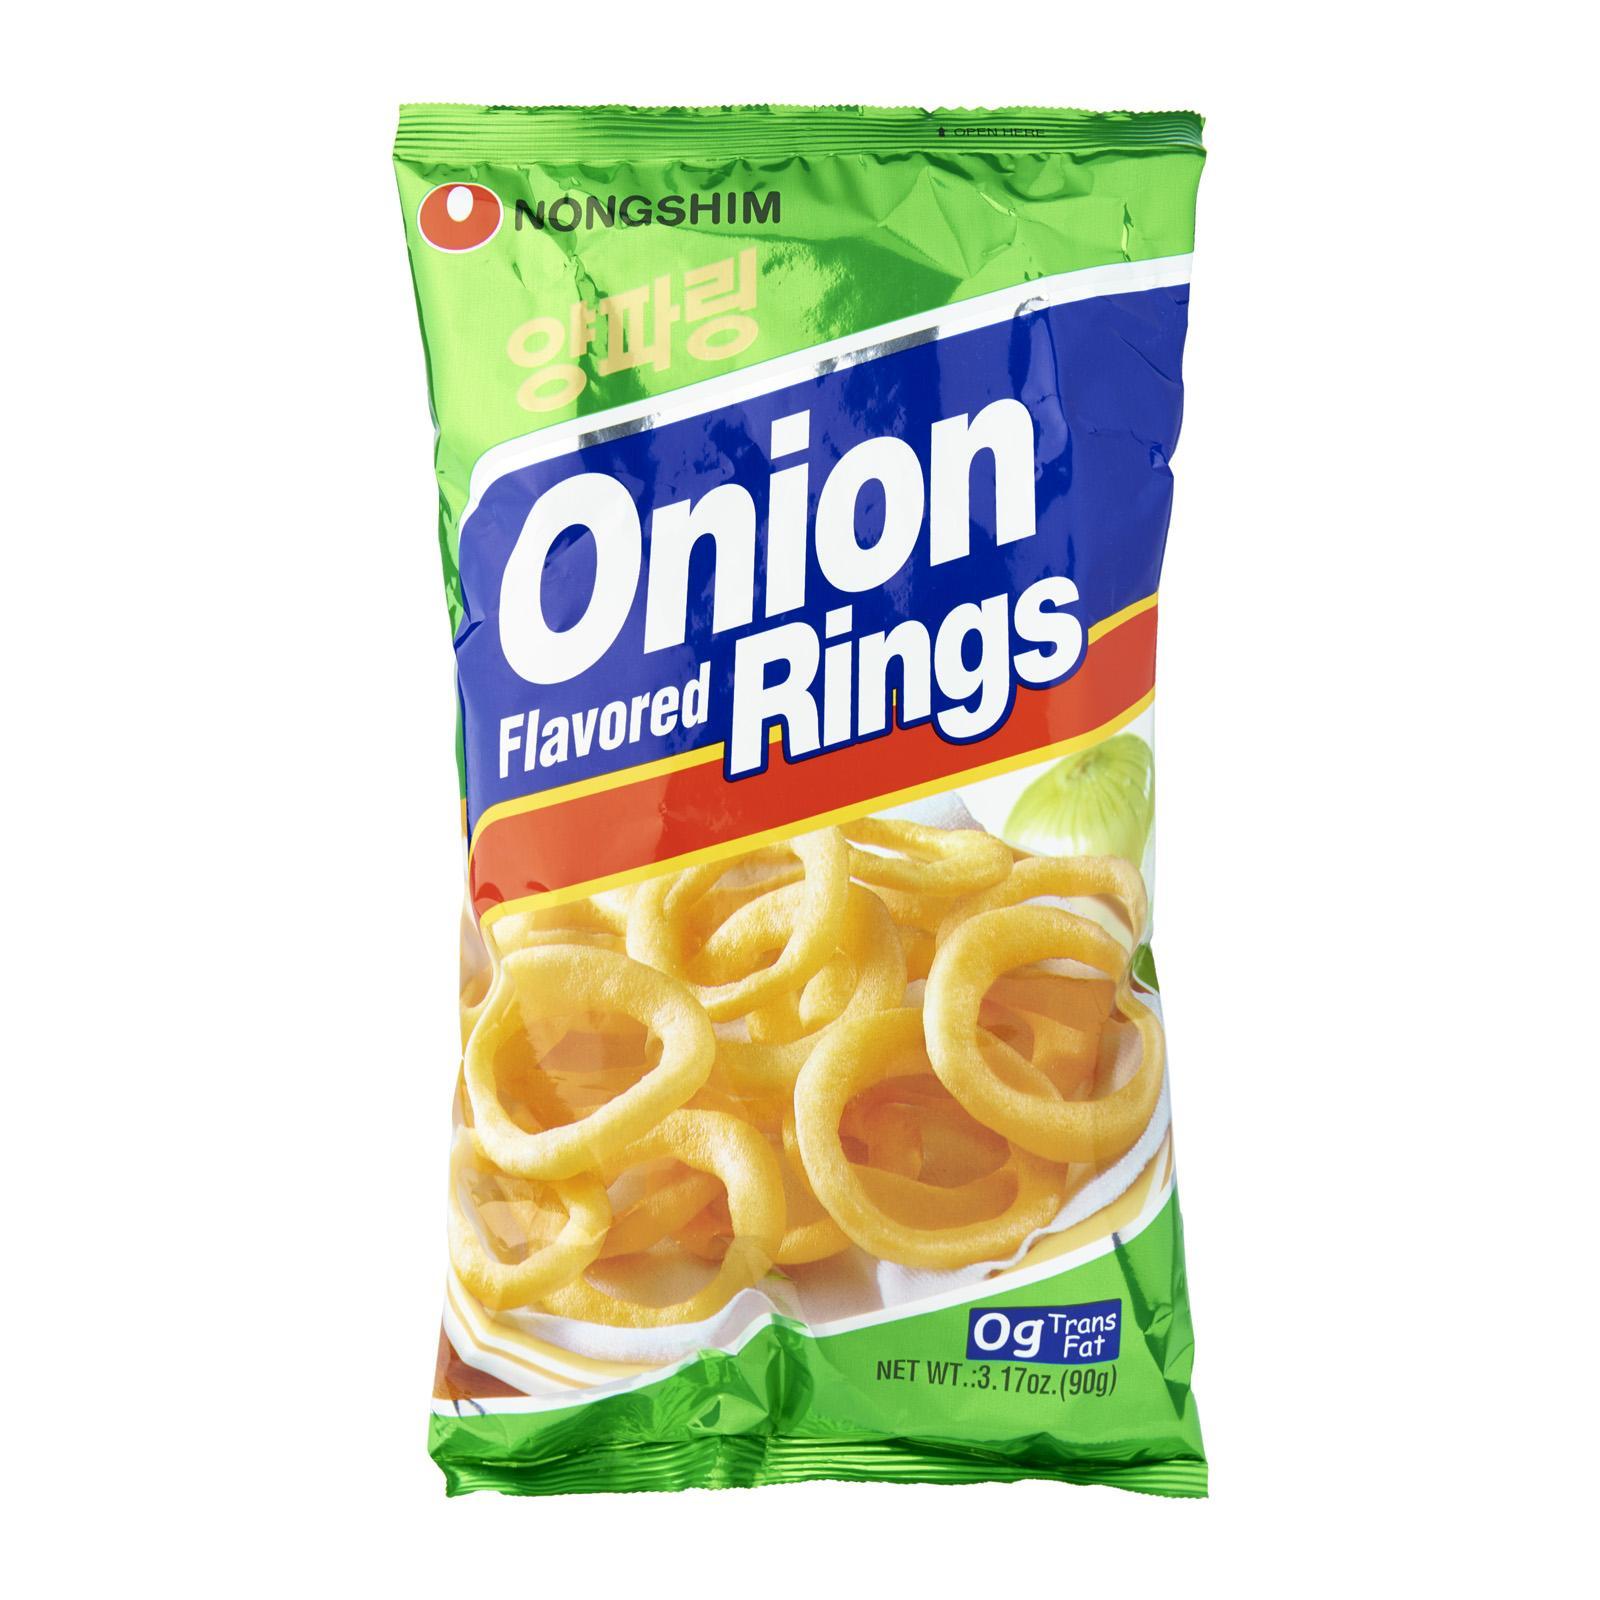 Nongshim Onion Rings